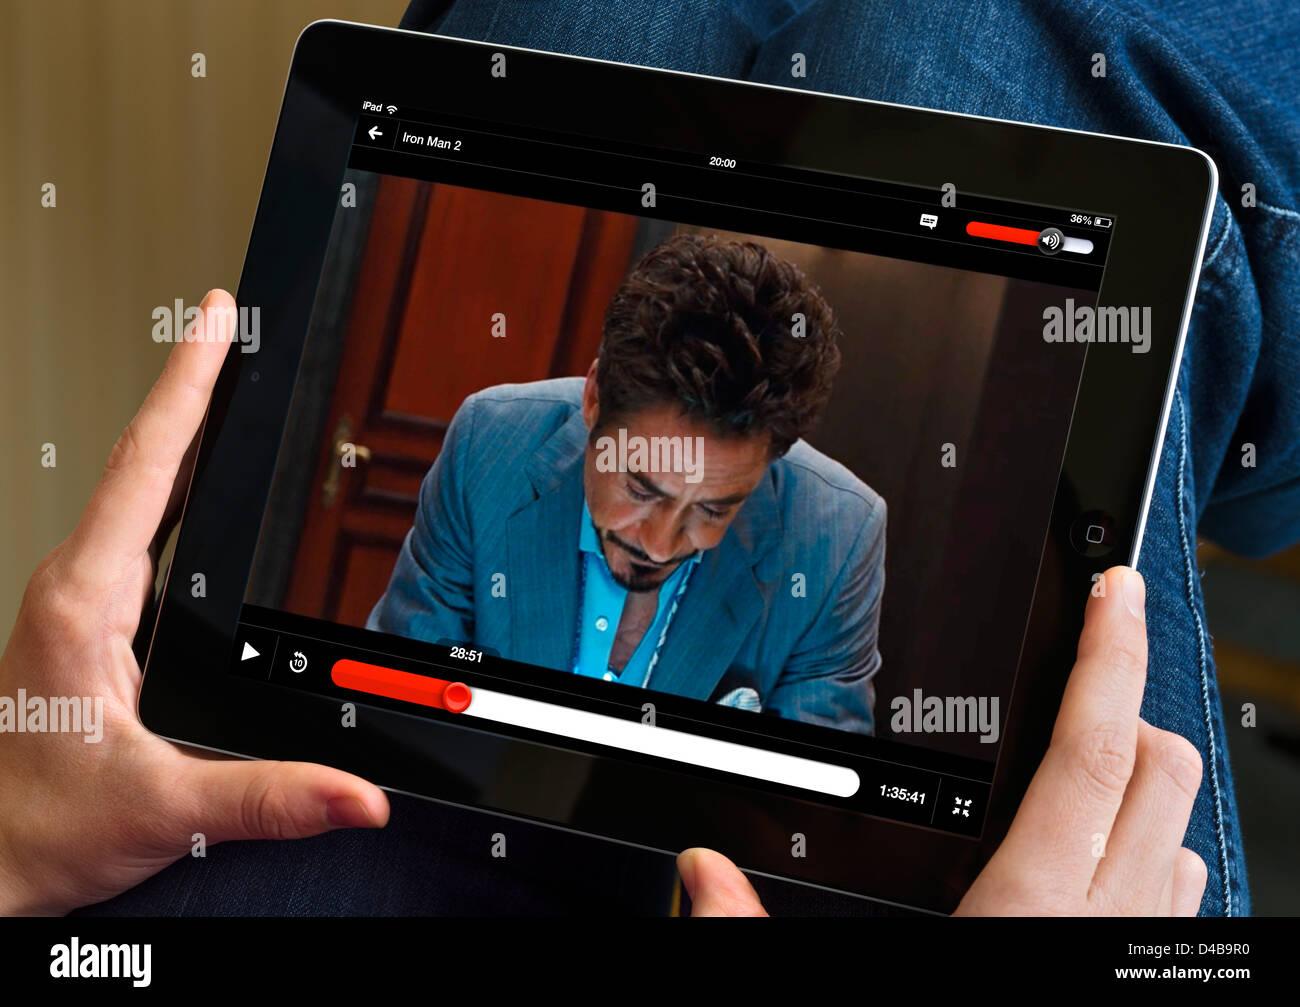 Viendo la película'Iron Man 2' vía online streaming de Netflix en el iPad 4, UK Imagen De Stock